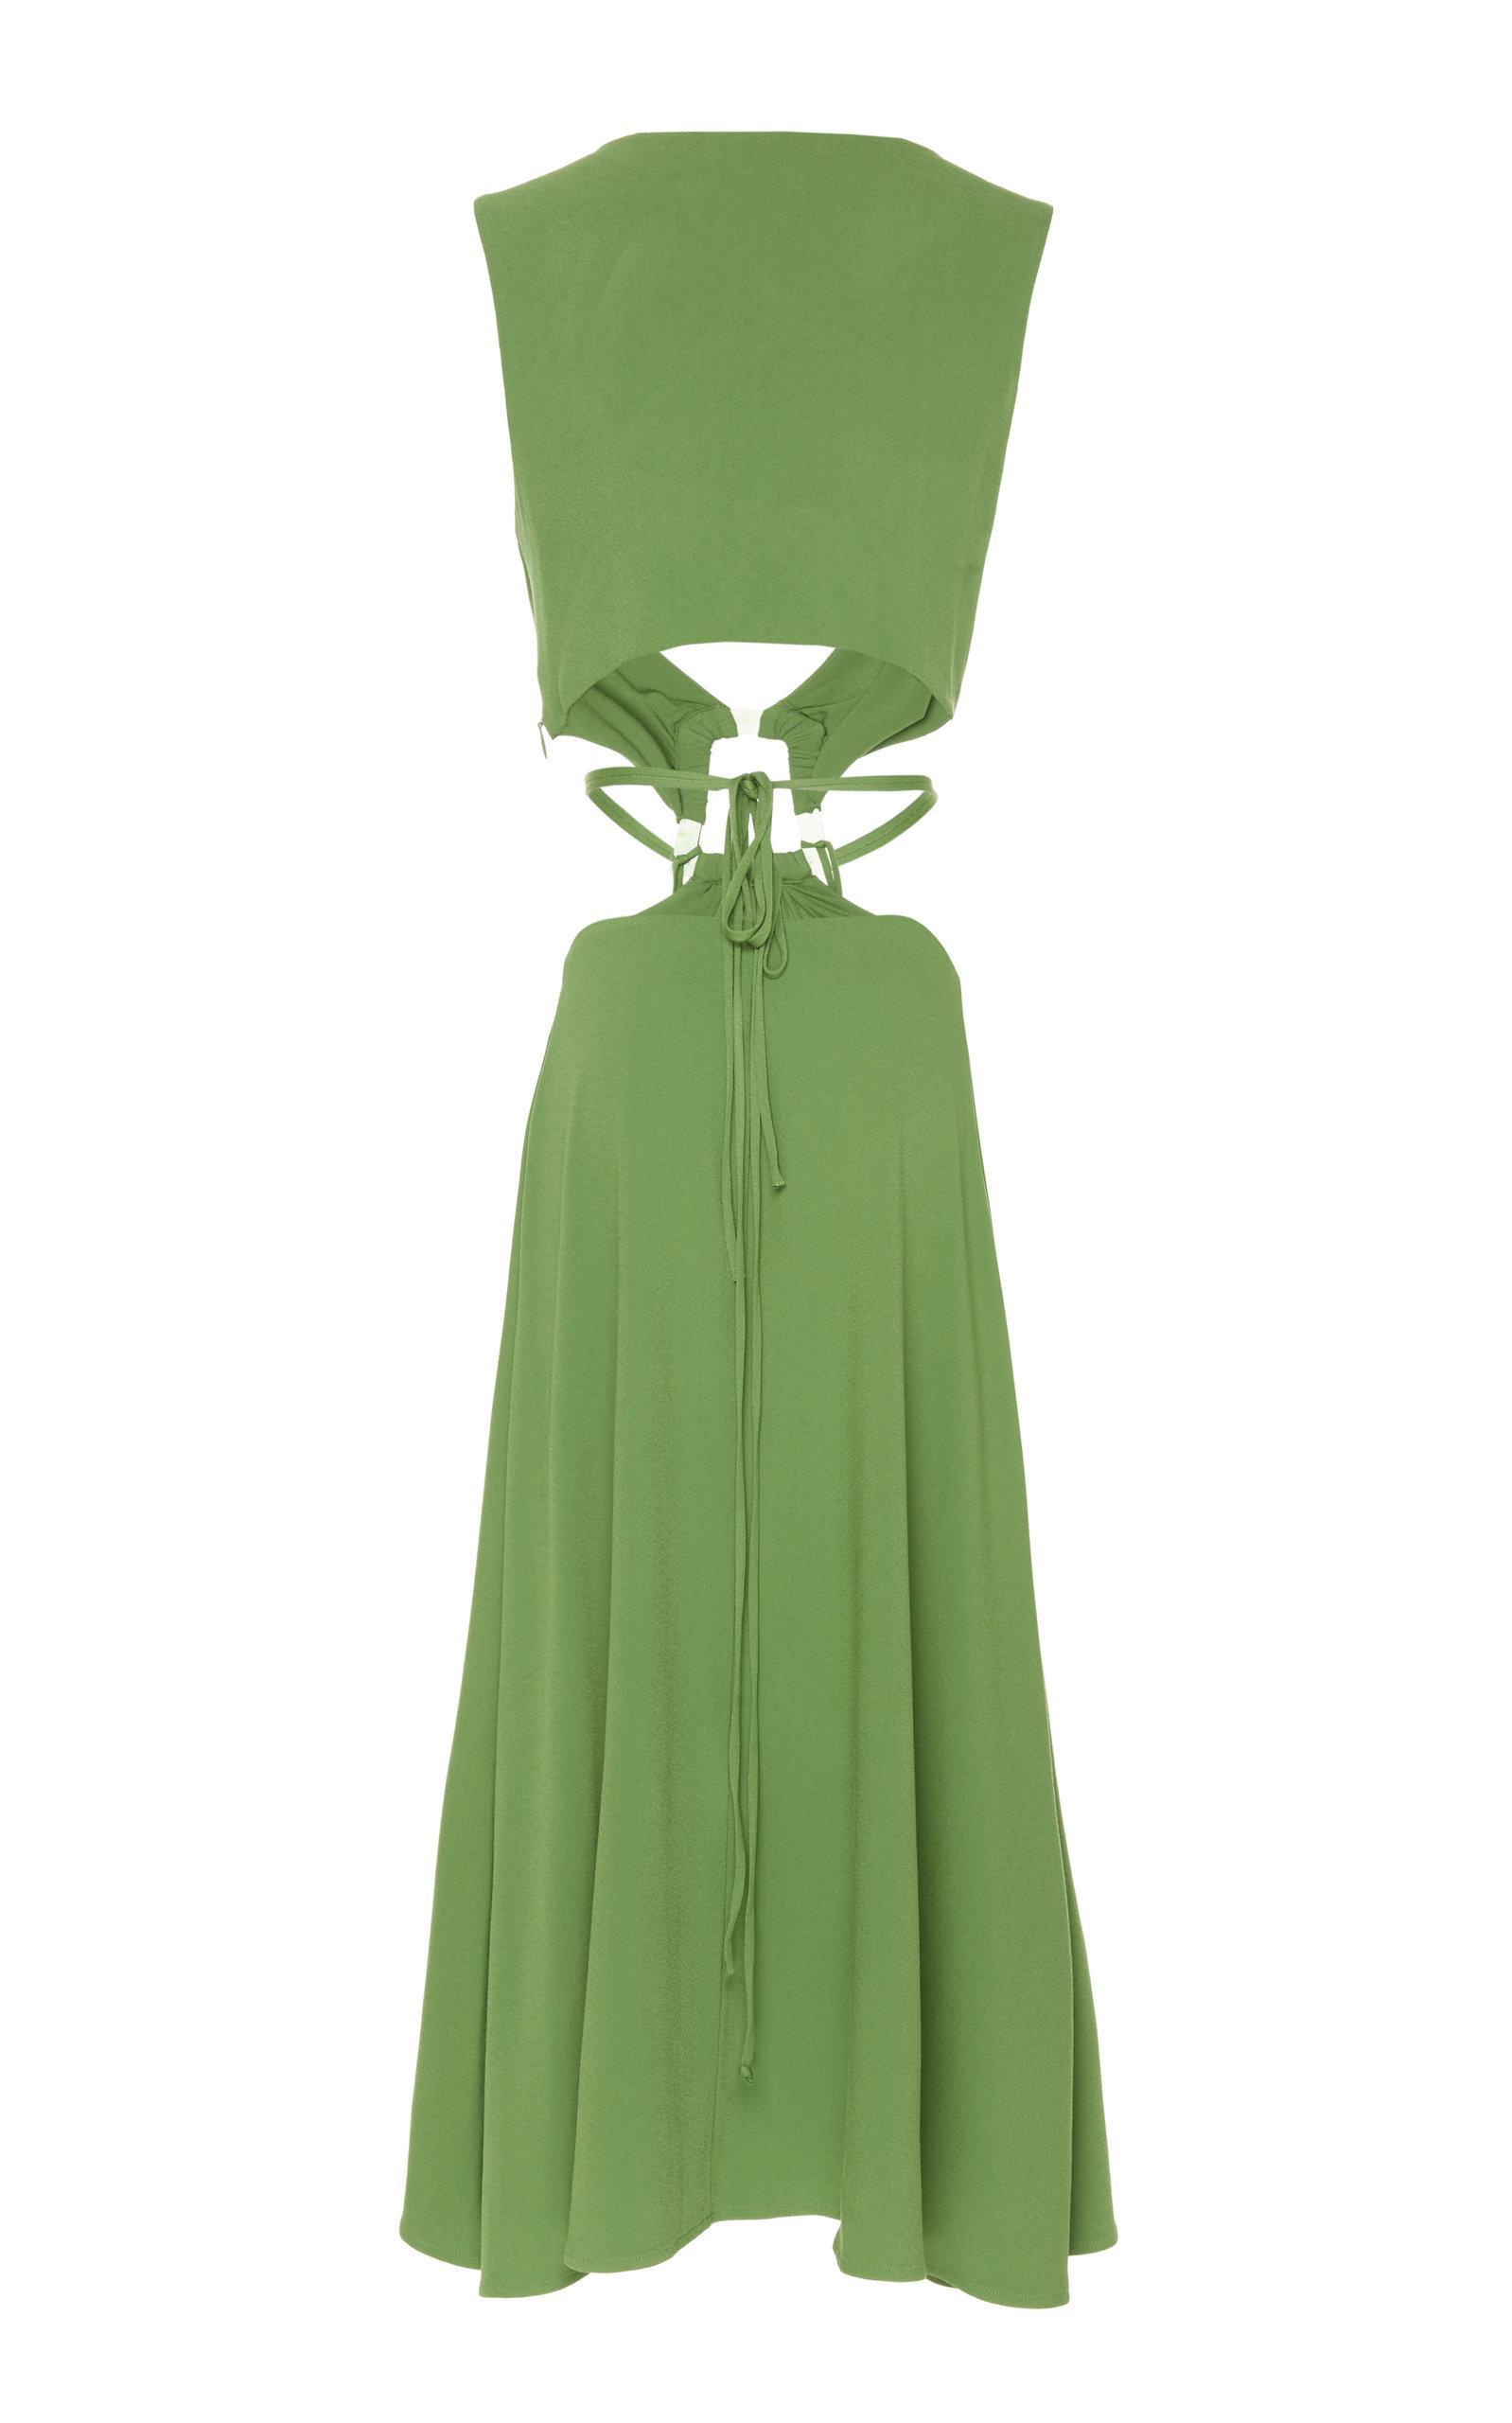 Cybele Lyst Dress Cutout Keyhole Cult Green Gaia In rQstChd